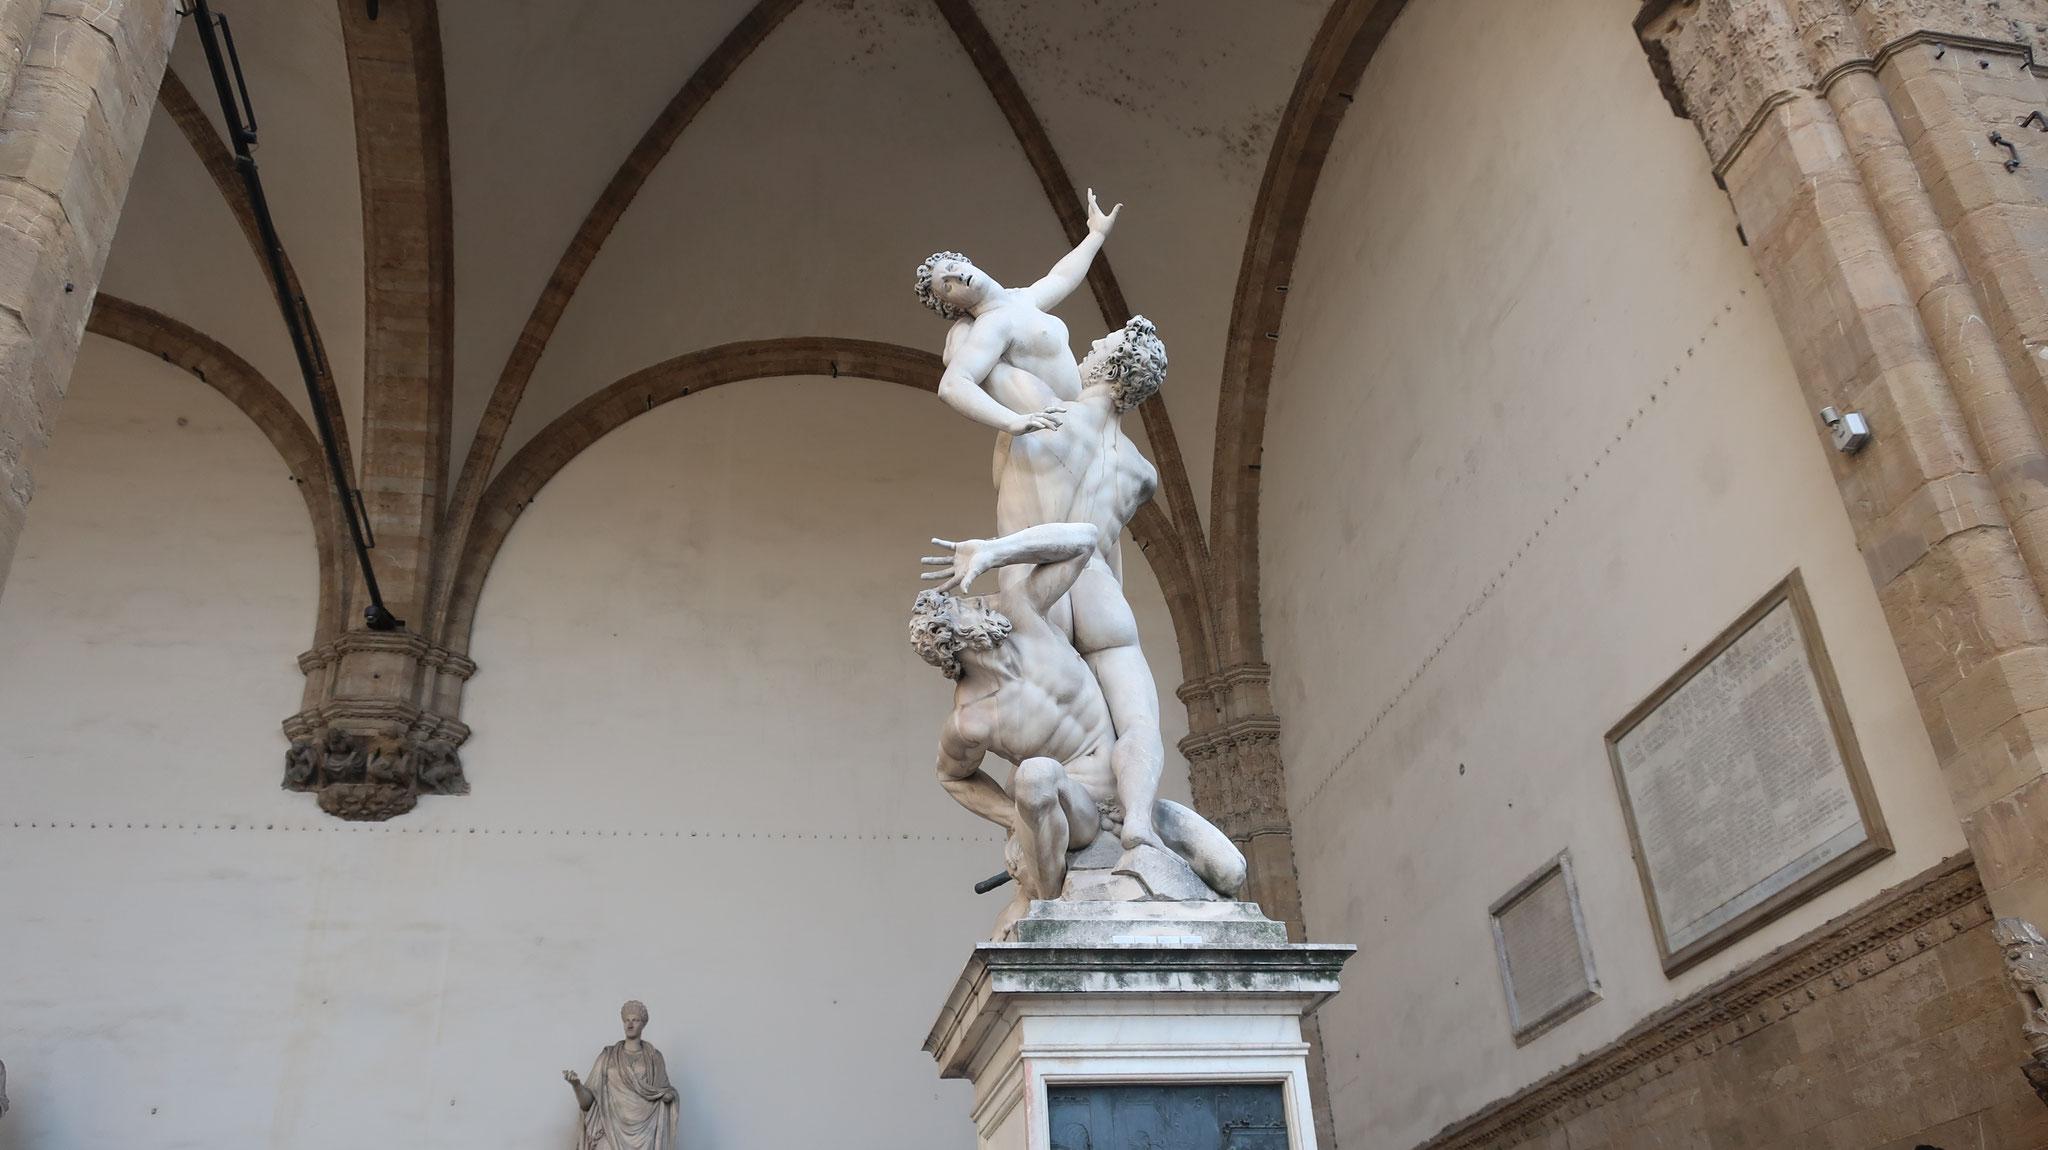 サビナの女達の略奪。ジャンボローニ作。紀元前に存在した町「サビナ」はローマによって略奪されました。